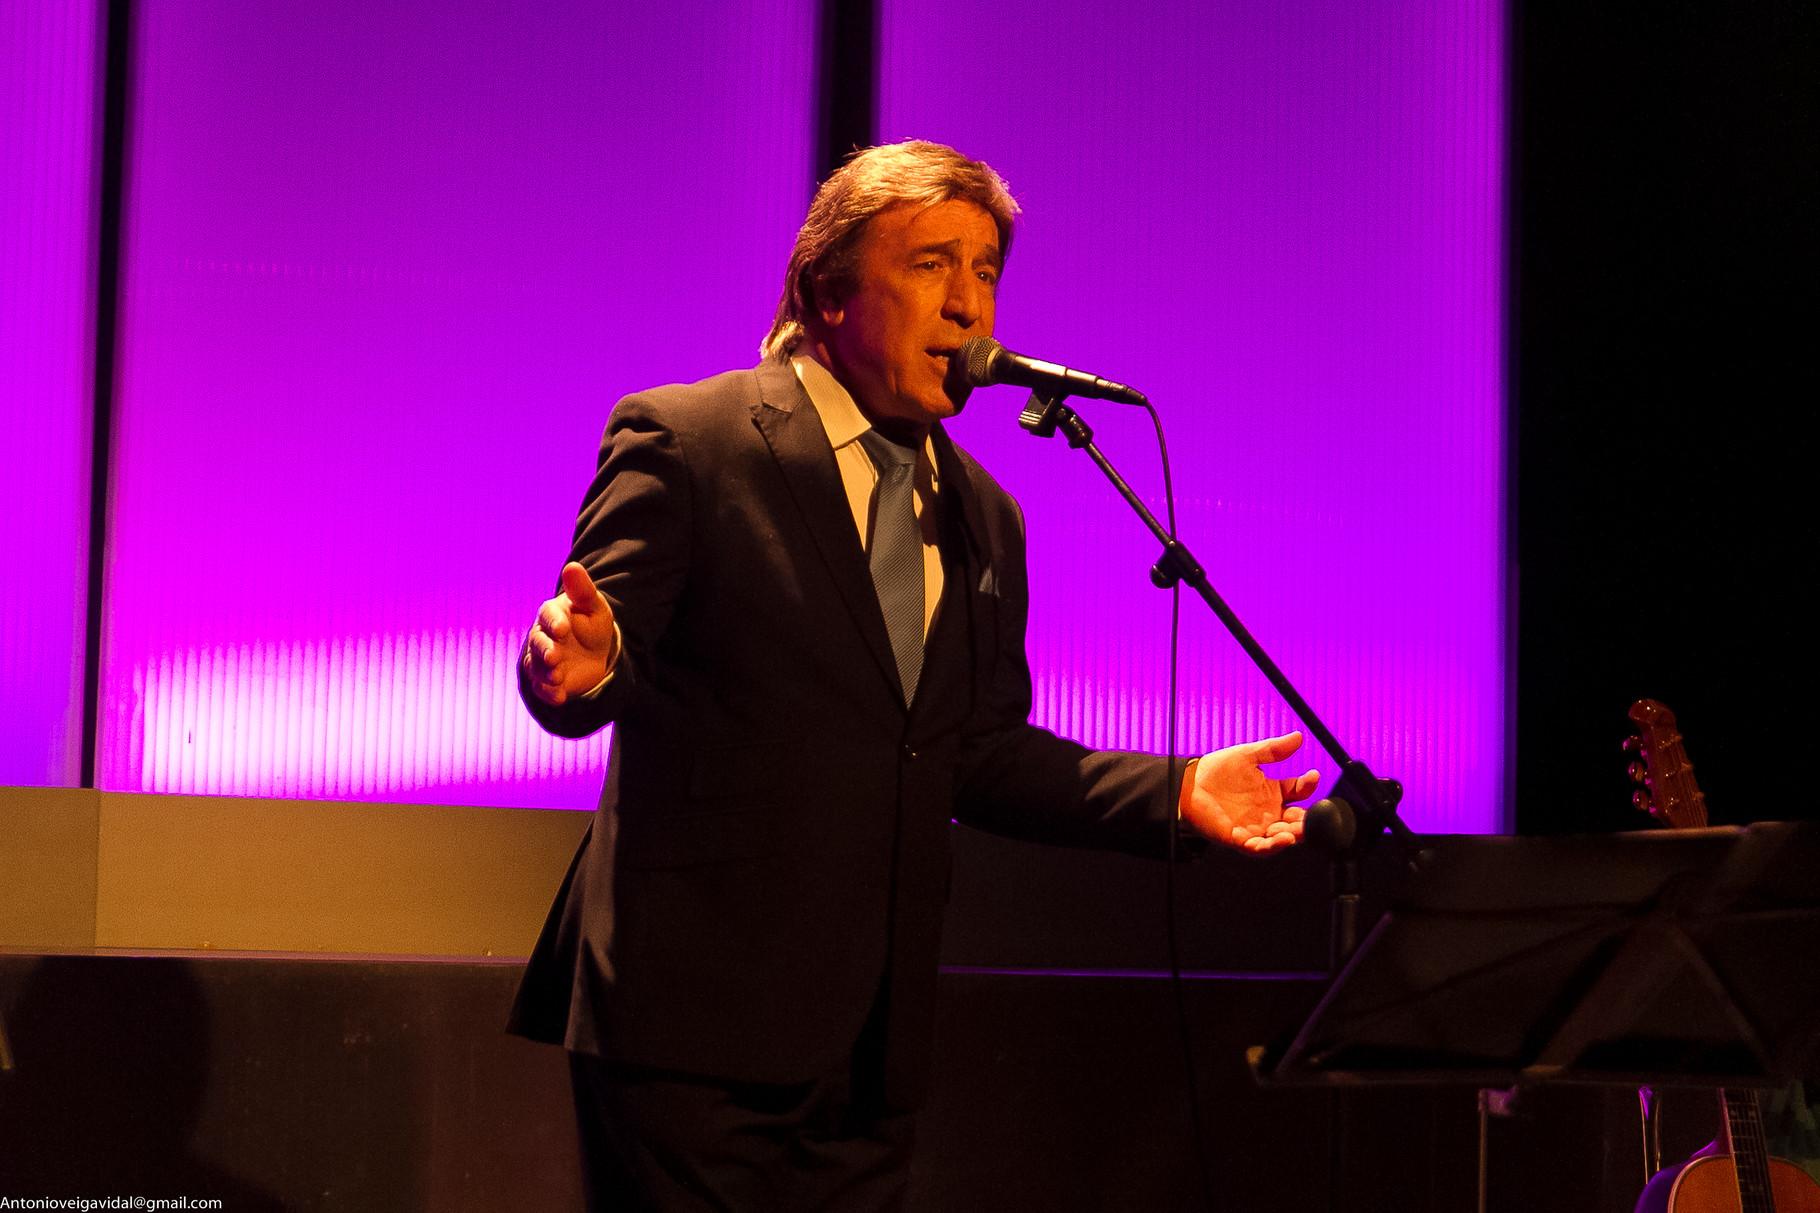 Rubén Melogno